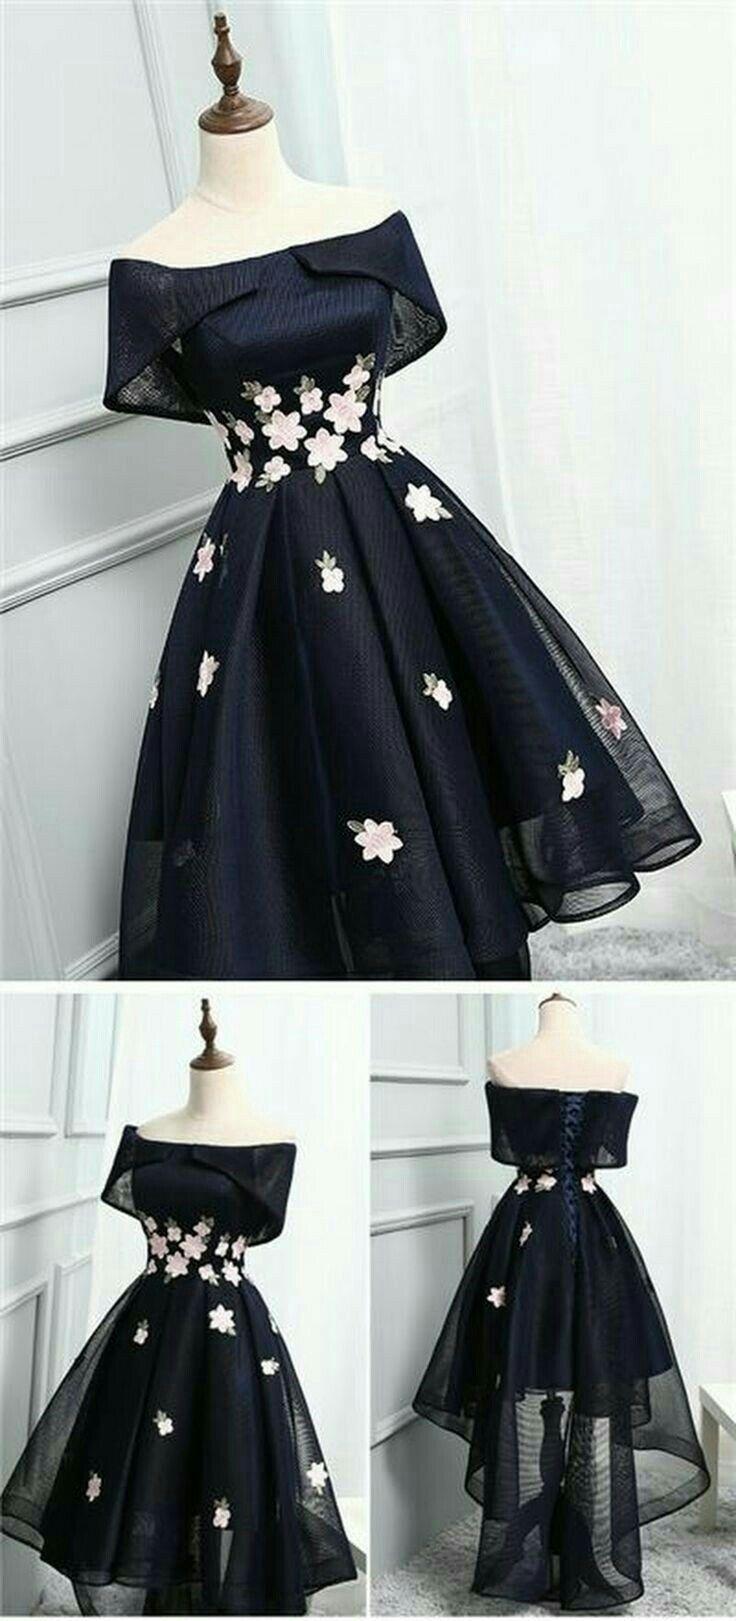 Vestido simples preto com flores! Muito elegante!